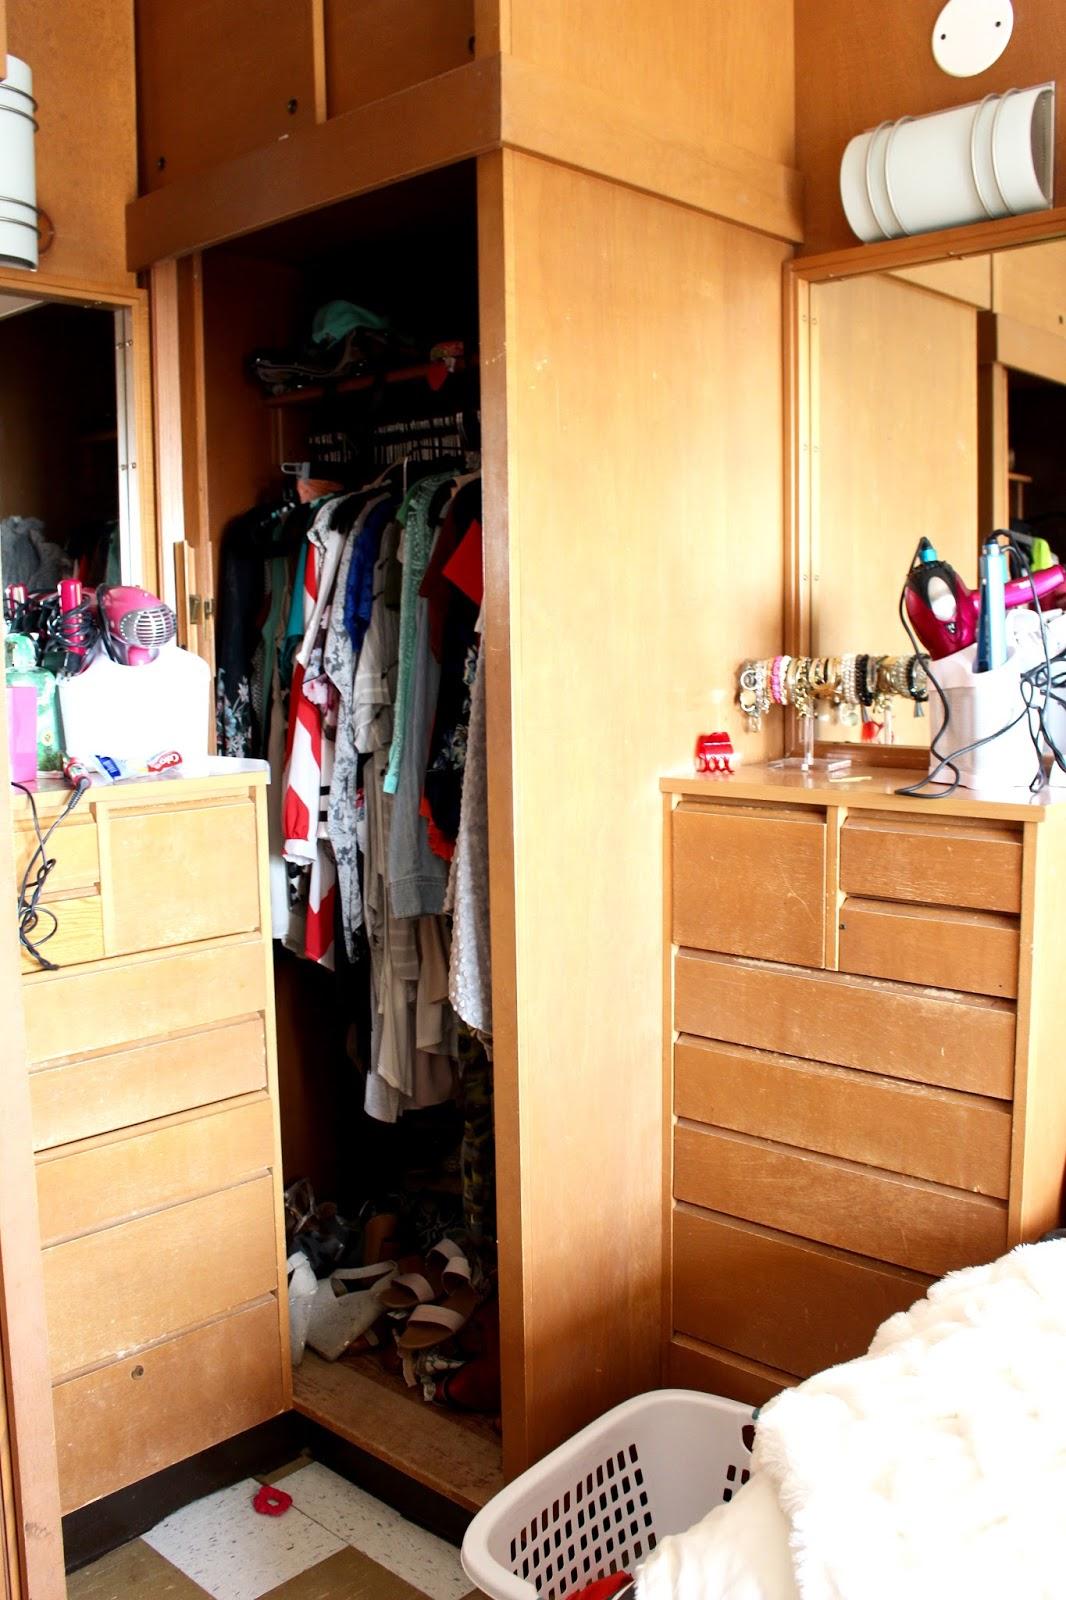 Dorm Room Closet: Dorm Room Tour: Texas Tech University